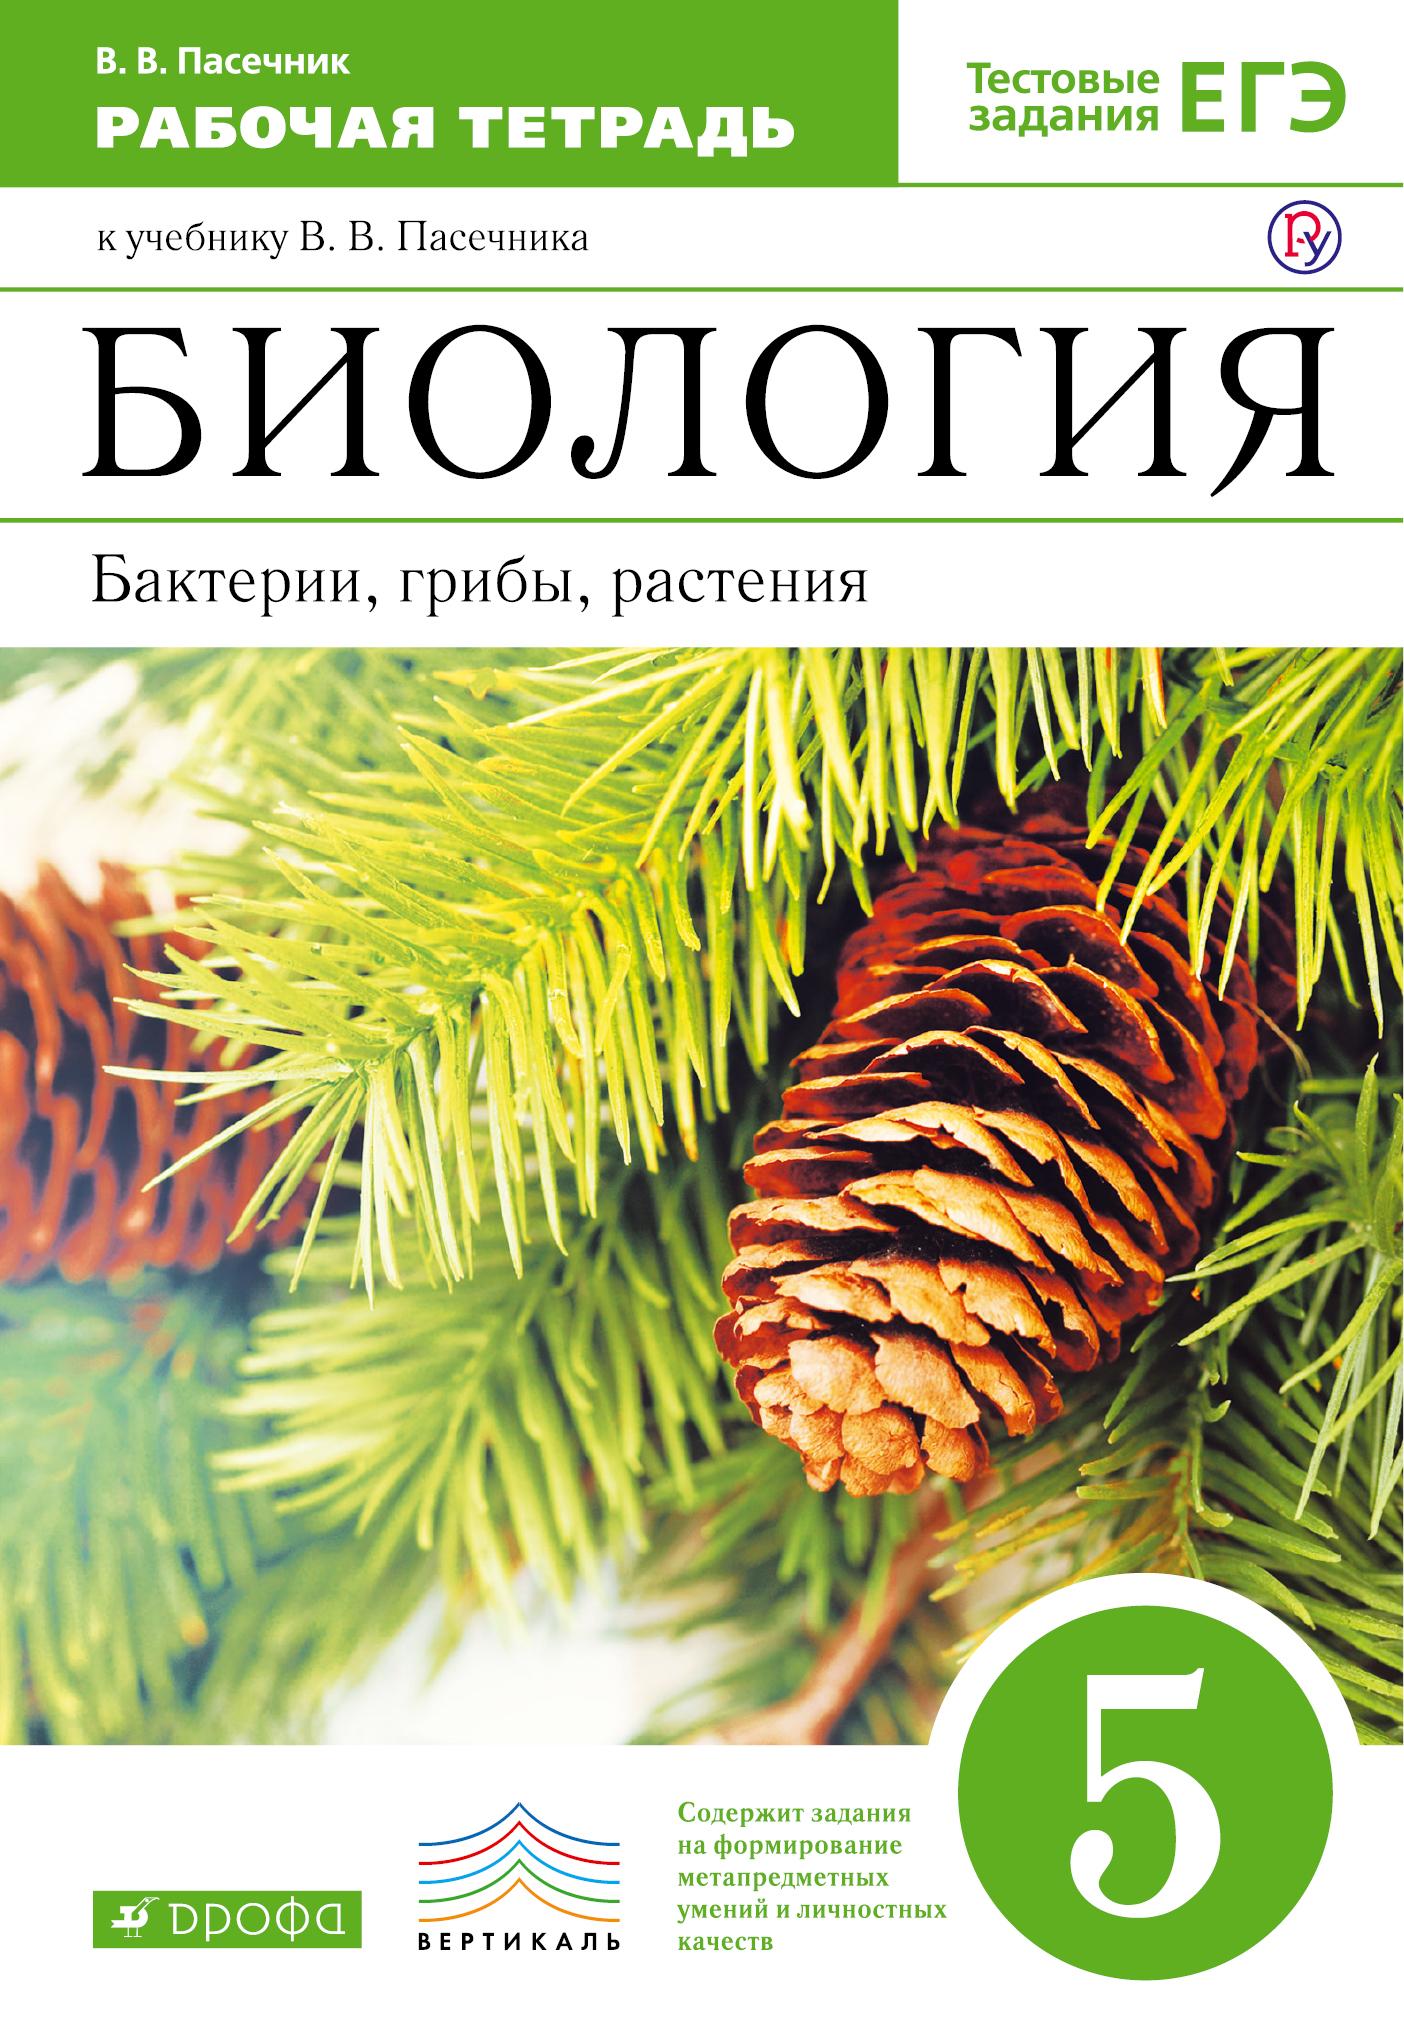 Биология. Бактерии, грибы, растения. 5 класс. Рабочая тетрадь. ВЕРТИКАЛЬ